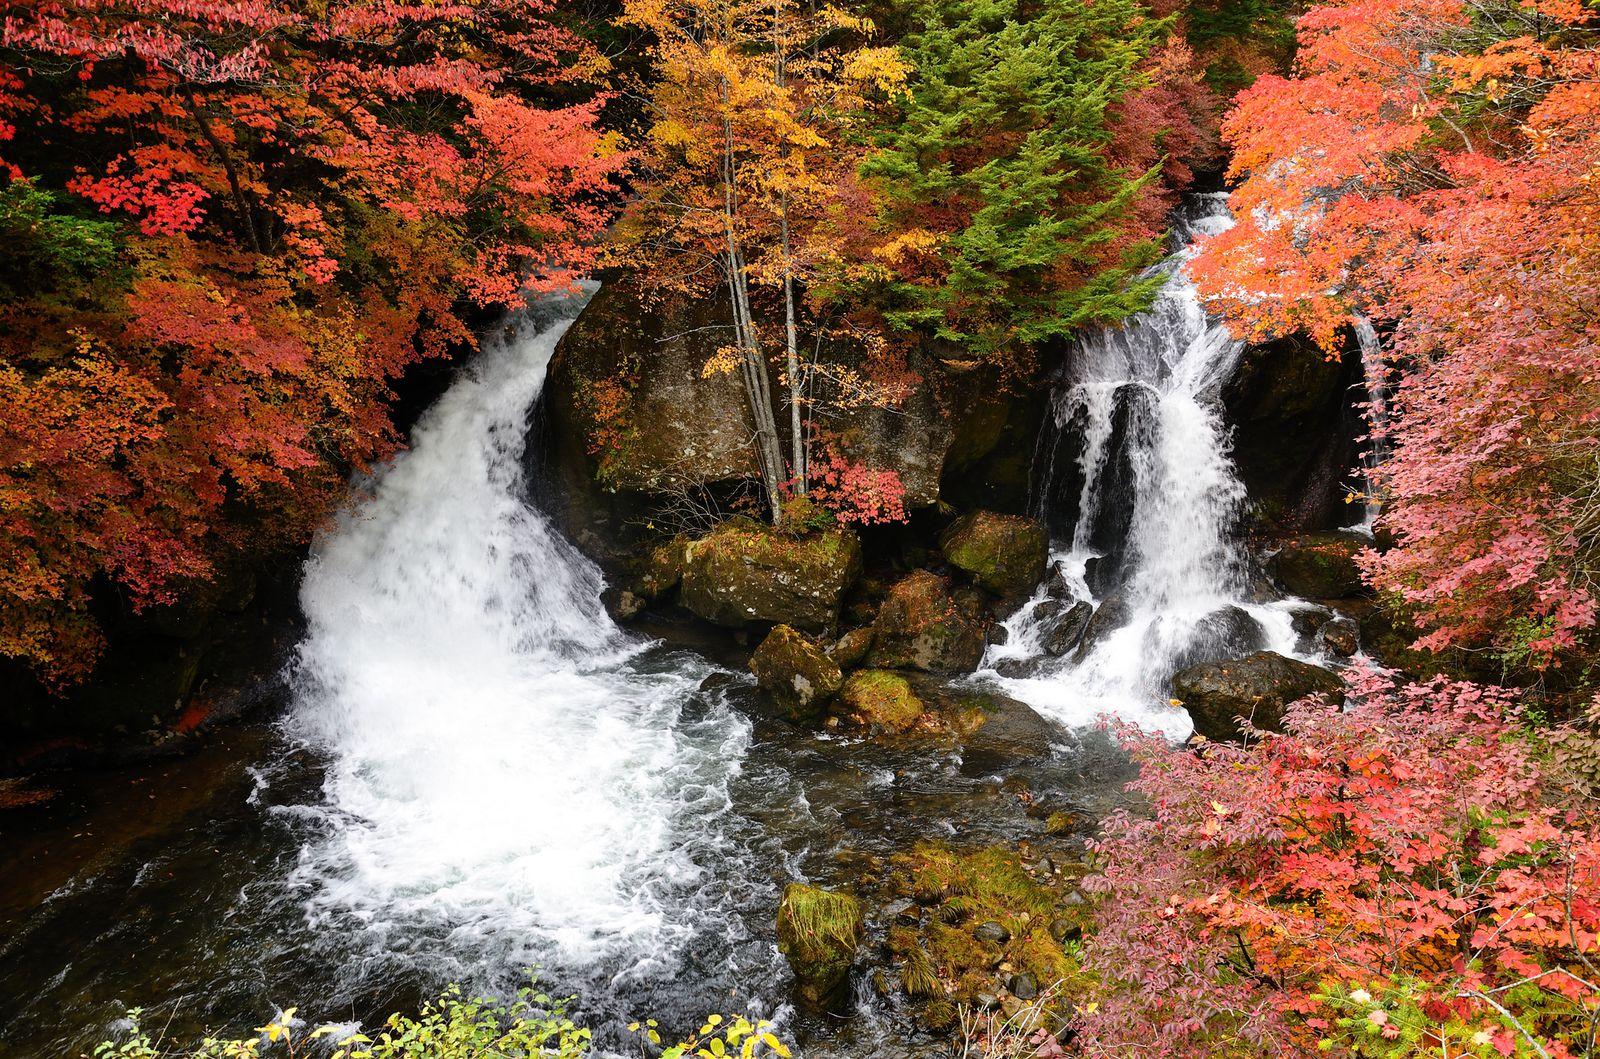 """秋の鮮やかな絶景に癒されよう!""""栃木県""""の絶景紅葉スポットTOP10                当サイト内のおでかけ情報に関してこのまとめ記事の目次"""